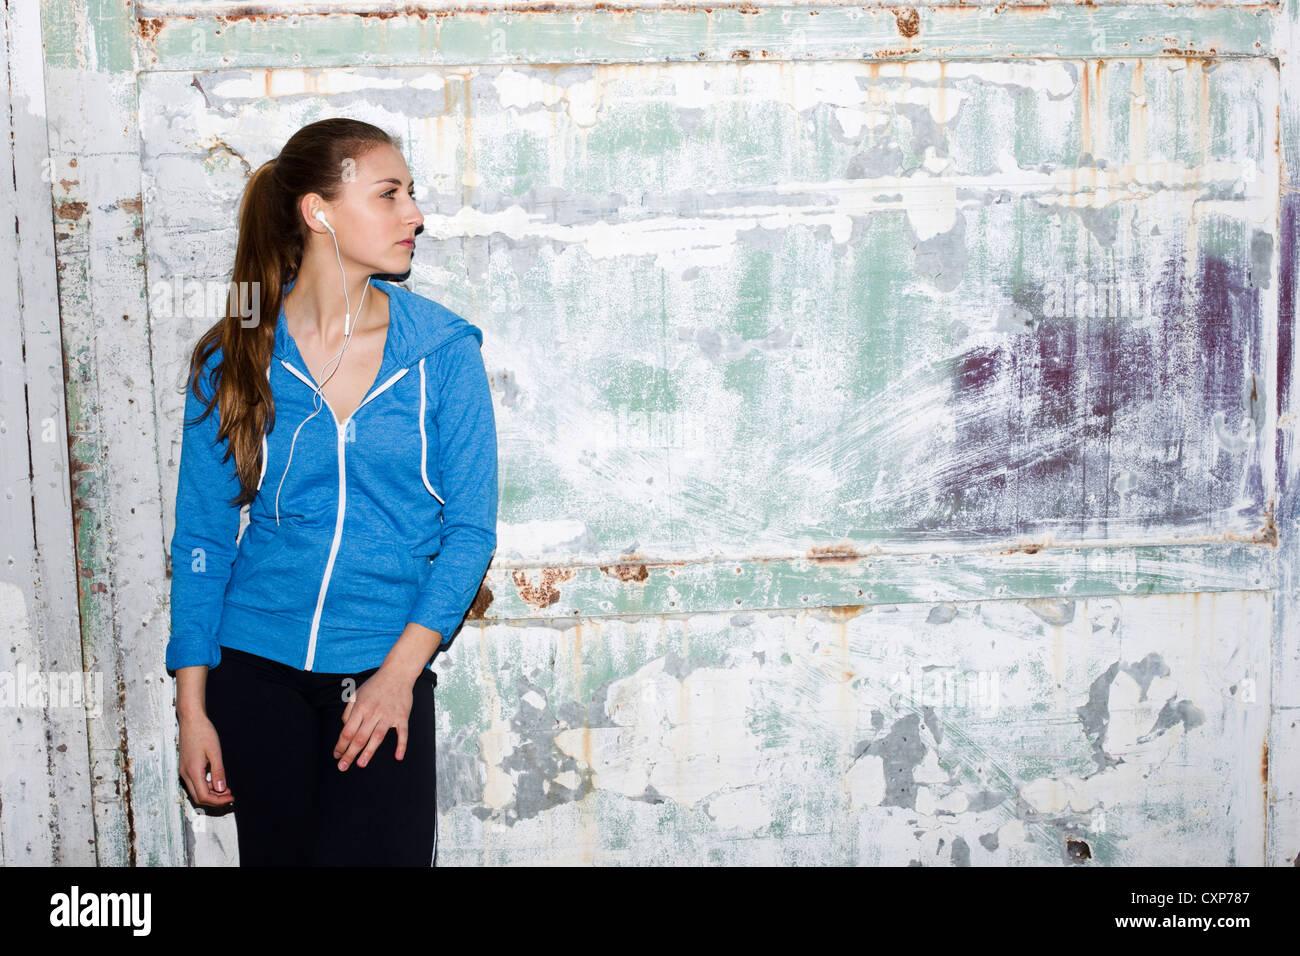 Frau trägt Sportkleidung Stockbild